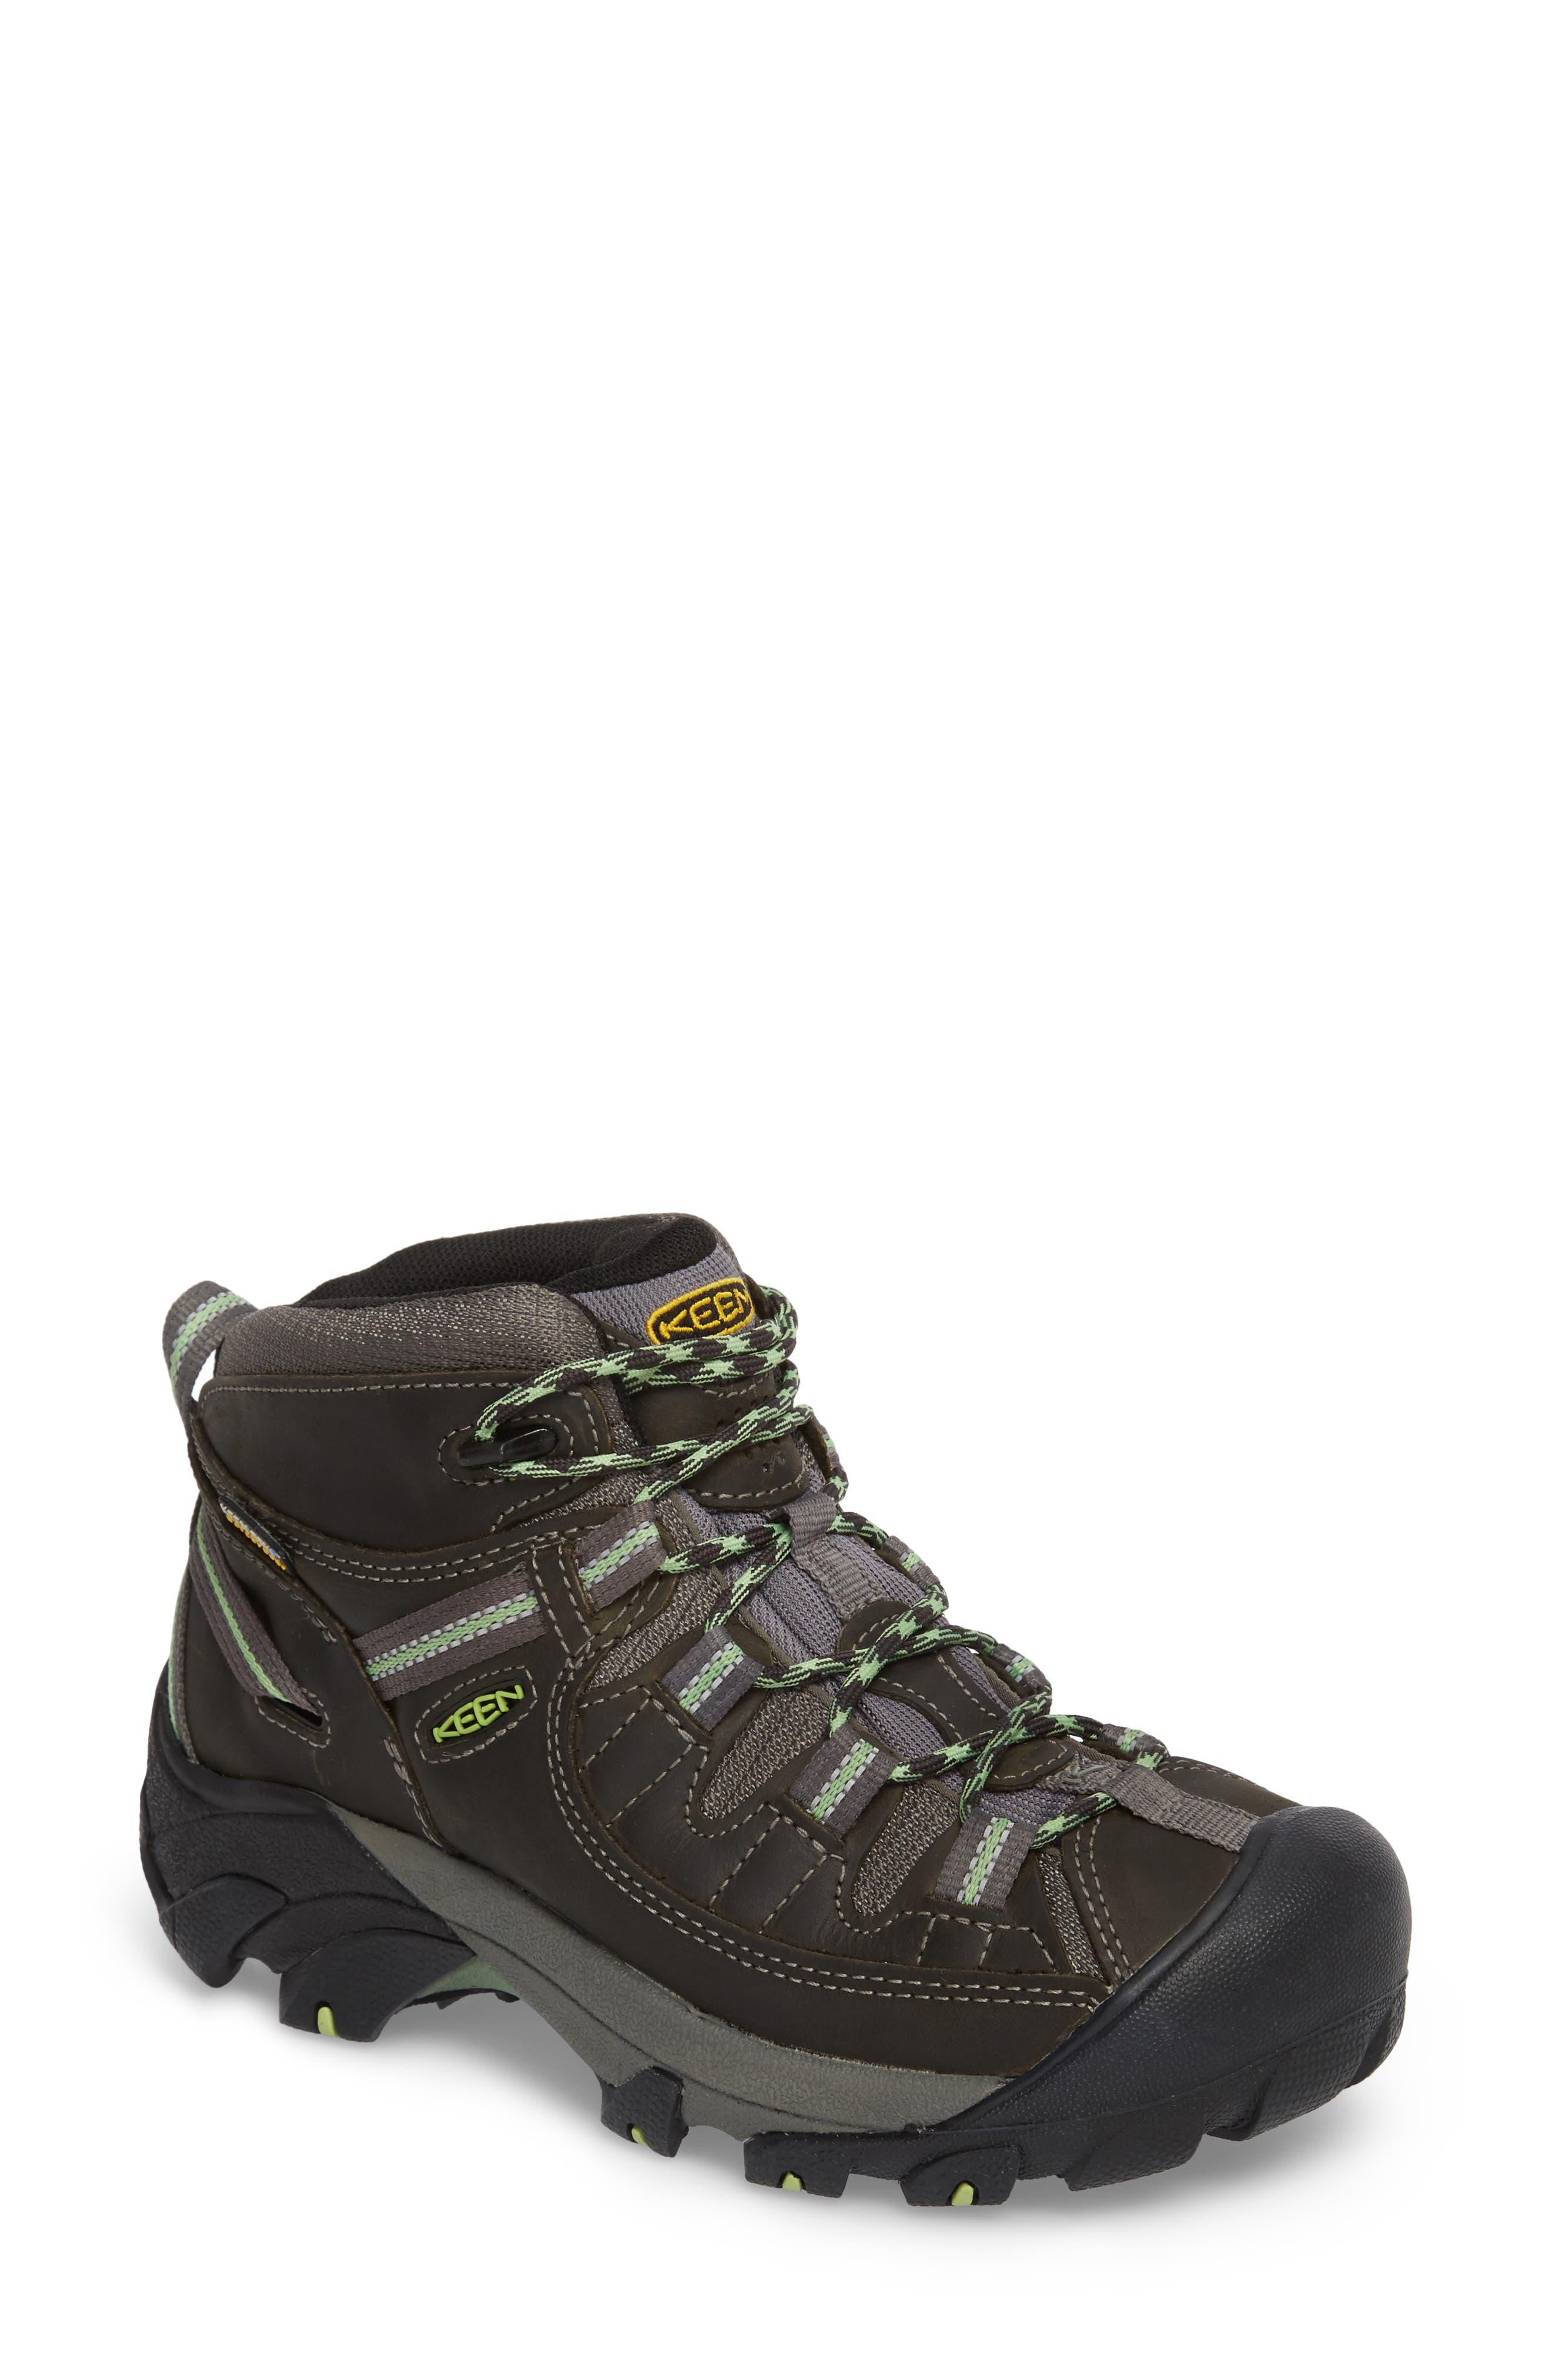 Alternate Image 1 Selected - Keen Targhee II Mid Waterproof Hiking Boot (Women)